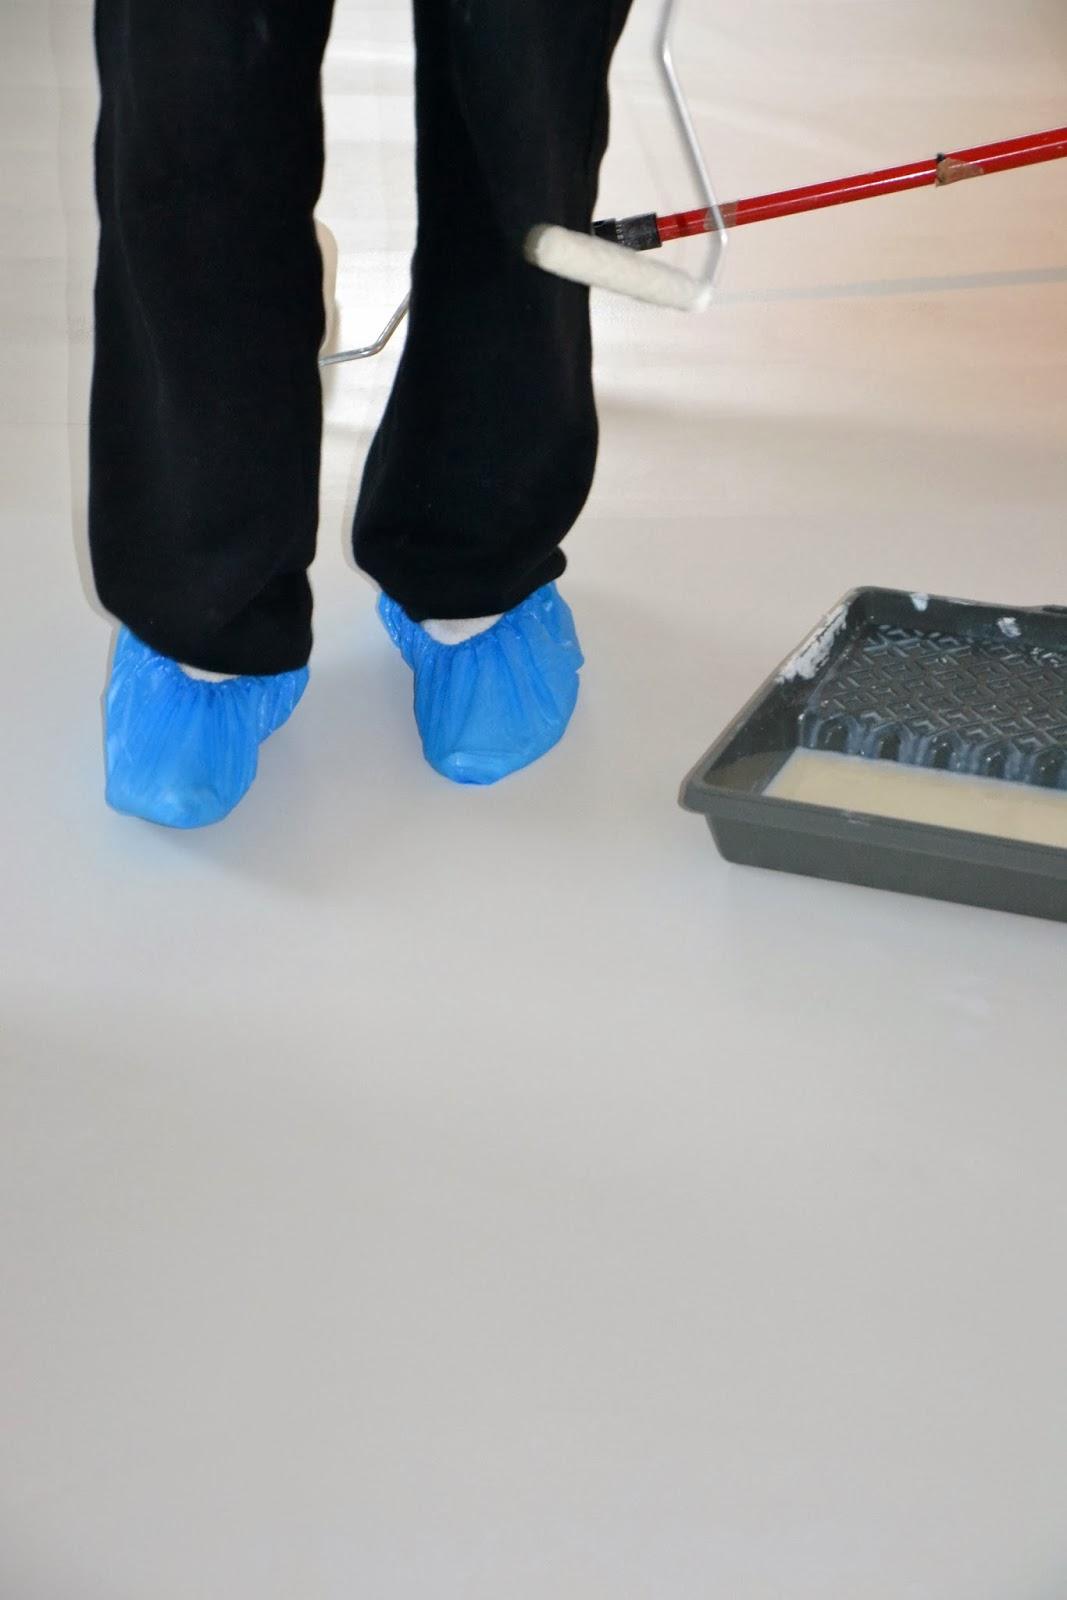 Somake Ihana uusi lattia Hyvästi betonipöly!